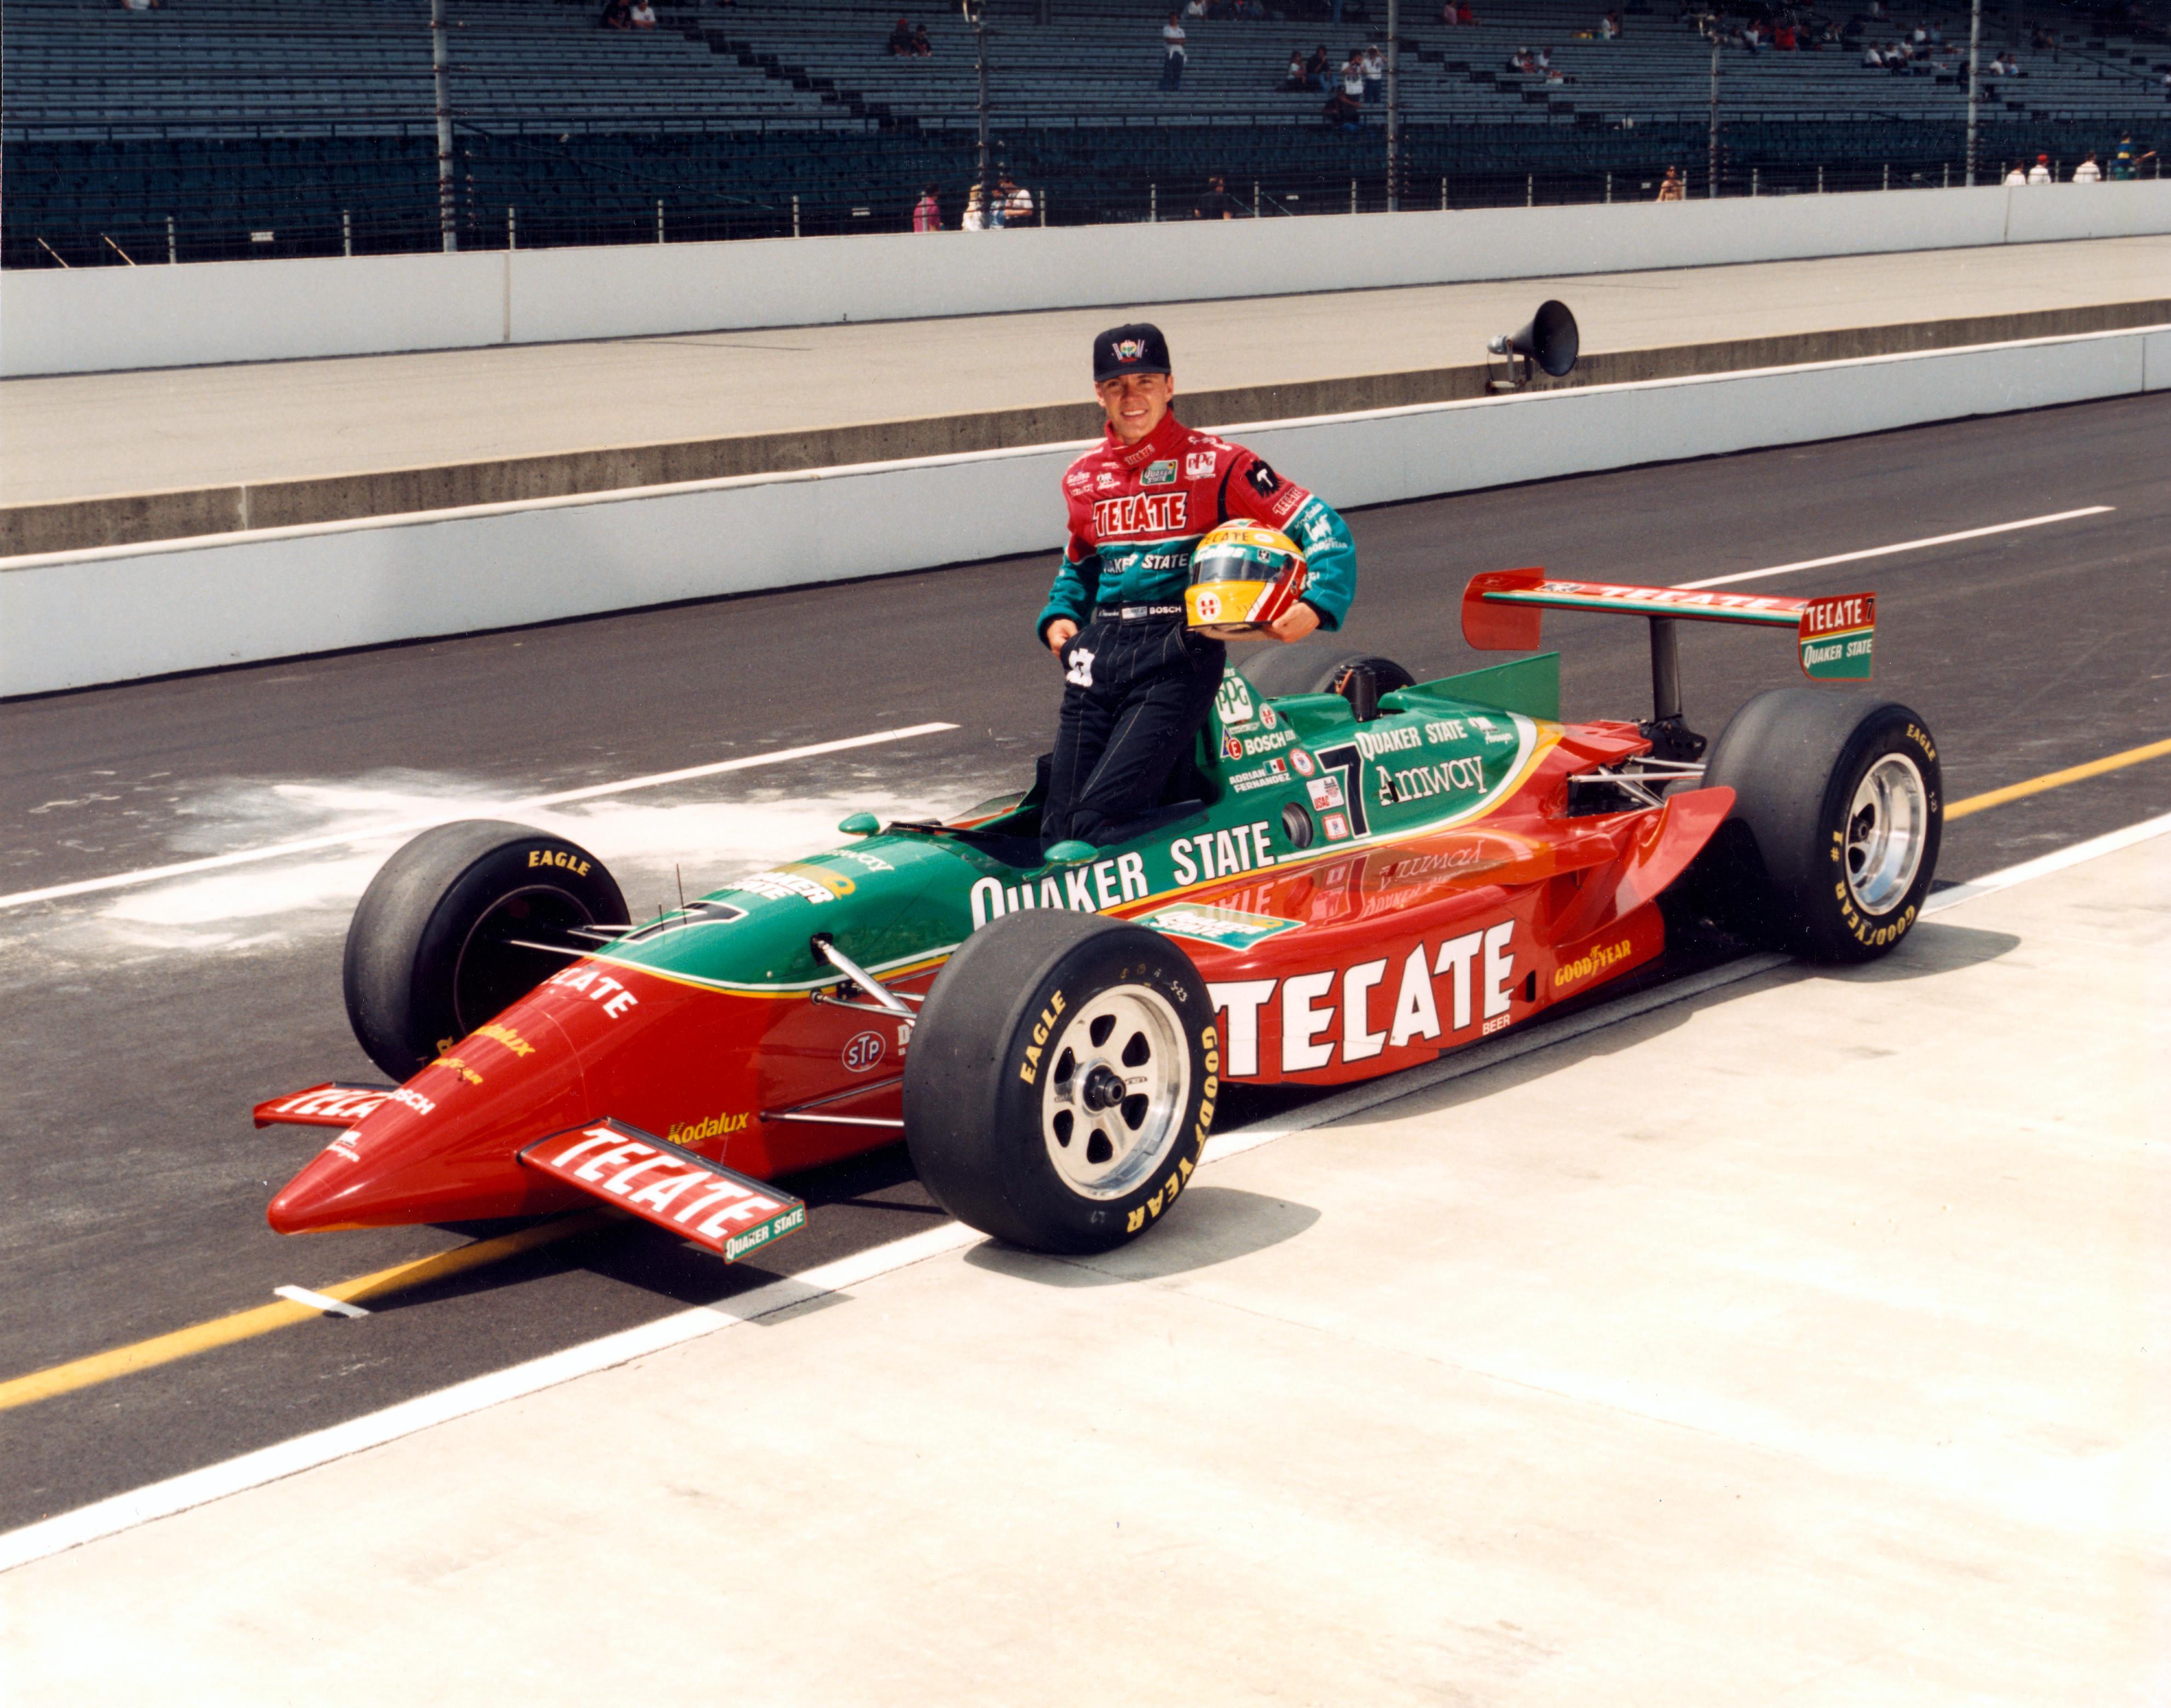 Adrian Fernandez Indy 500 1994